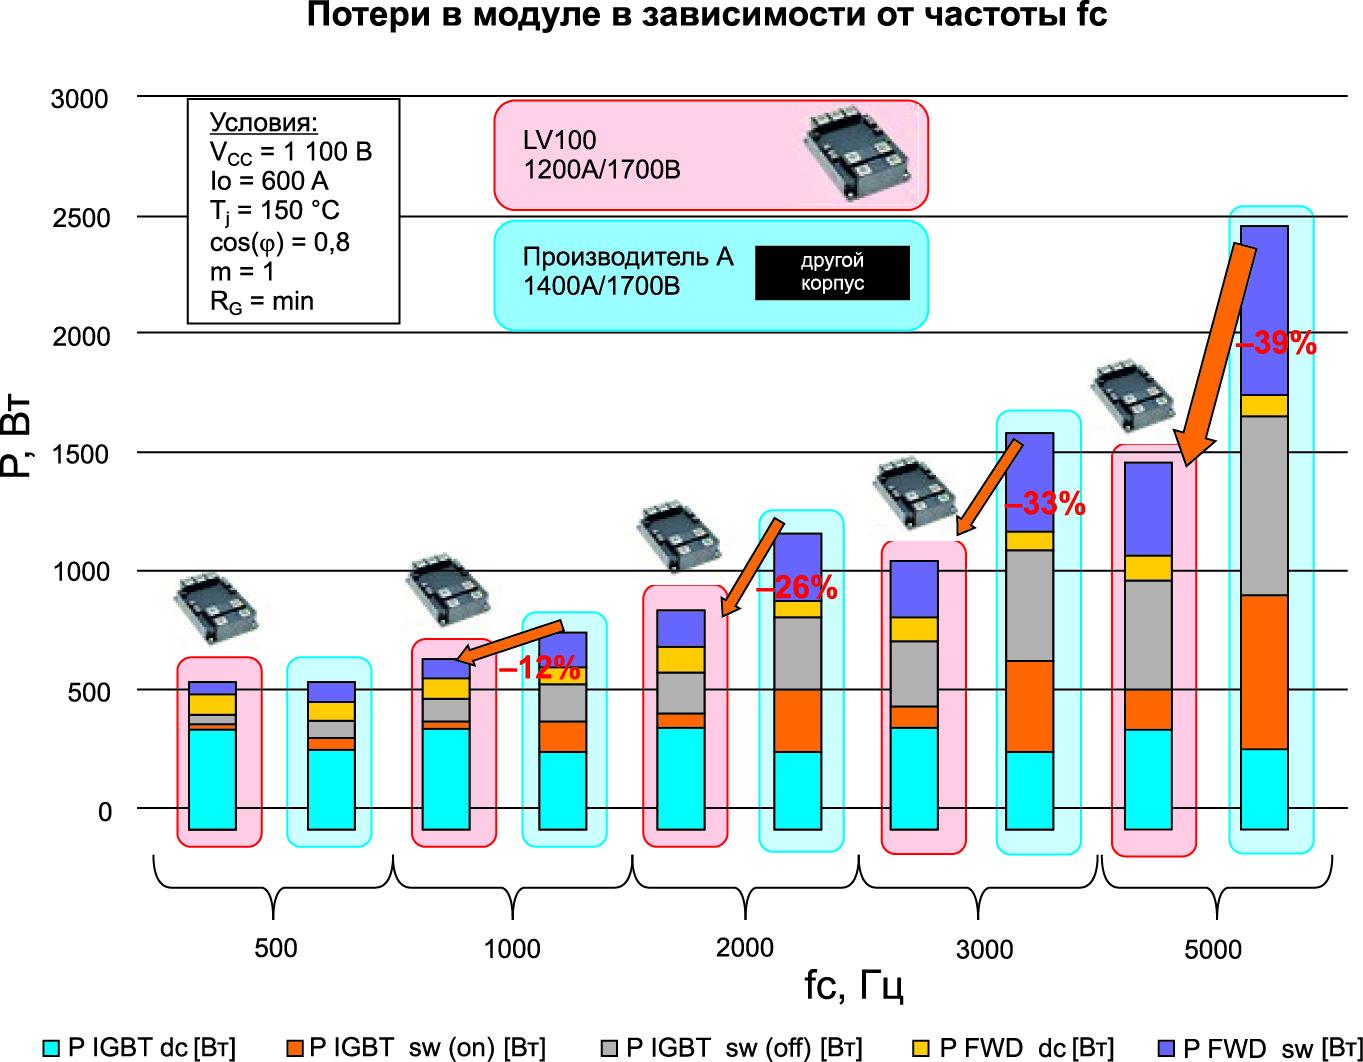 Сравнение потерь в модуле LV100 с IGBT-чипами седьмого поколения с модулем 1400 А/1700 В другого производителя